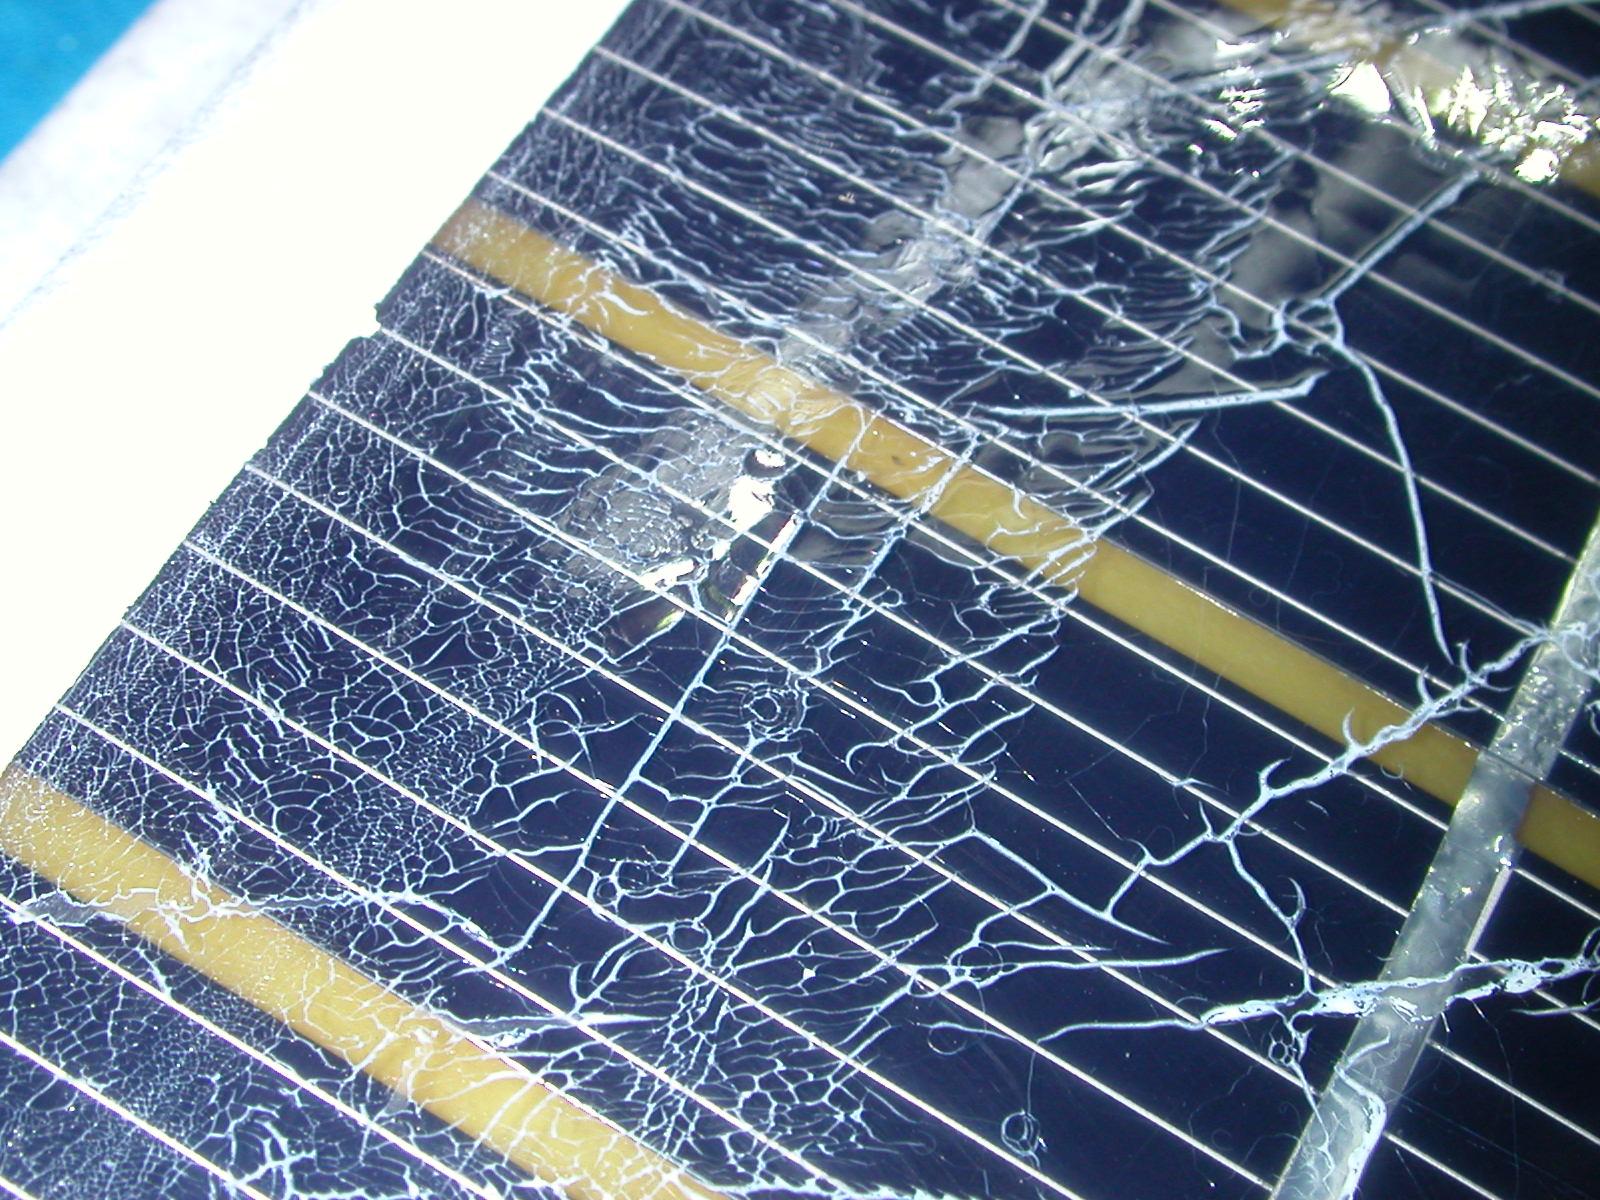 Problemi infiltrazioni di acqua su scatola scheda trasmissione ISS-dscn6601.jpg